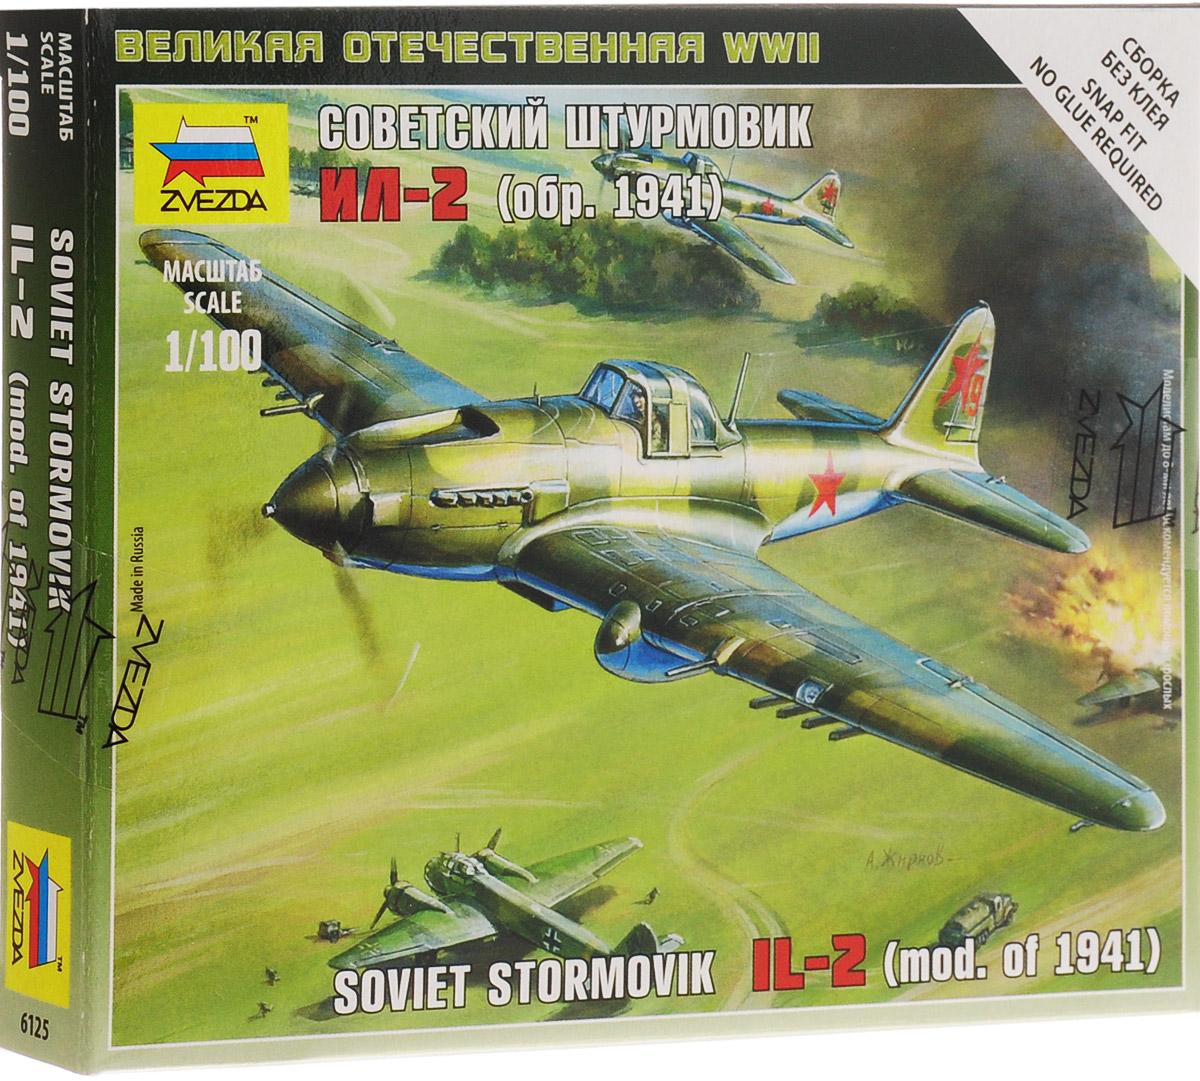 Звезда Сборная модель Советский штурмовик Ил-2 (обр. 1941)